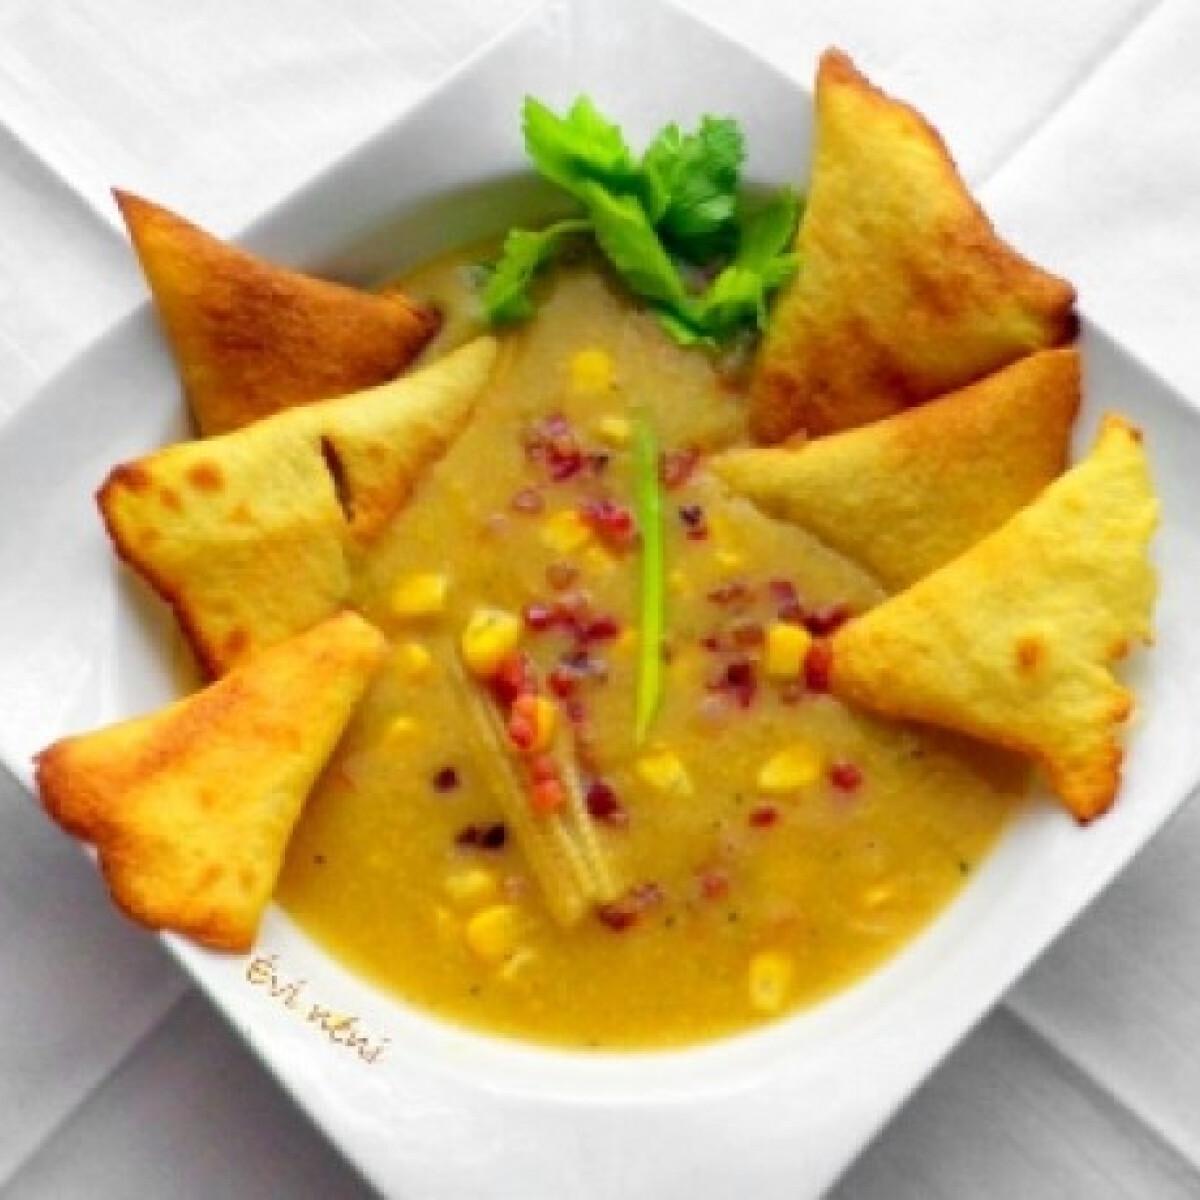 Ezen a képen: Kukoricakrémleves tortillachips-szel